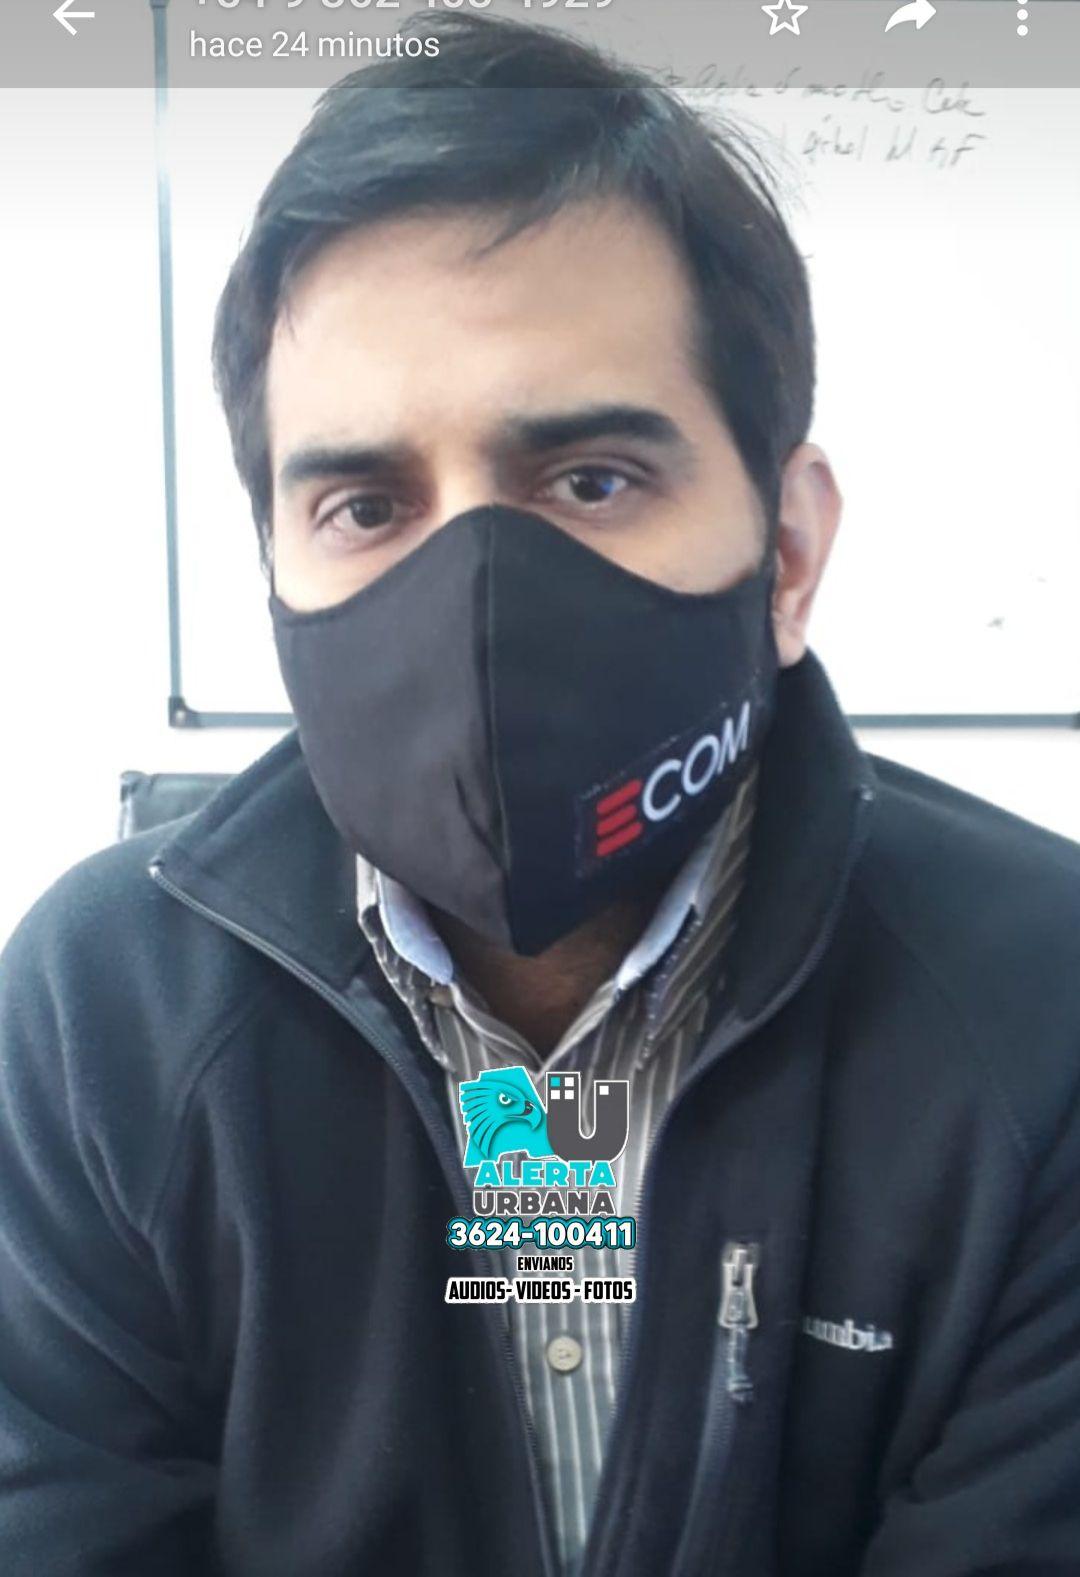 Dos casos positivos de tuberculosis en Ecom Chaco S A